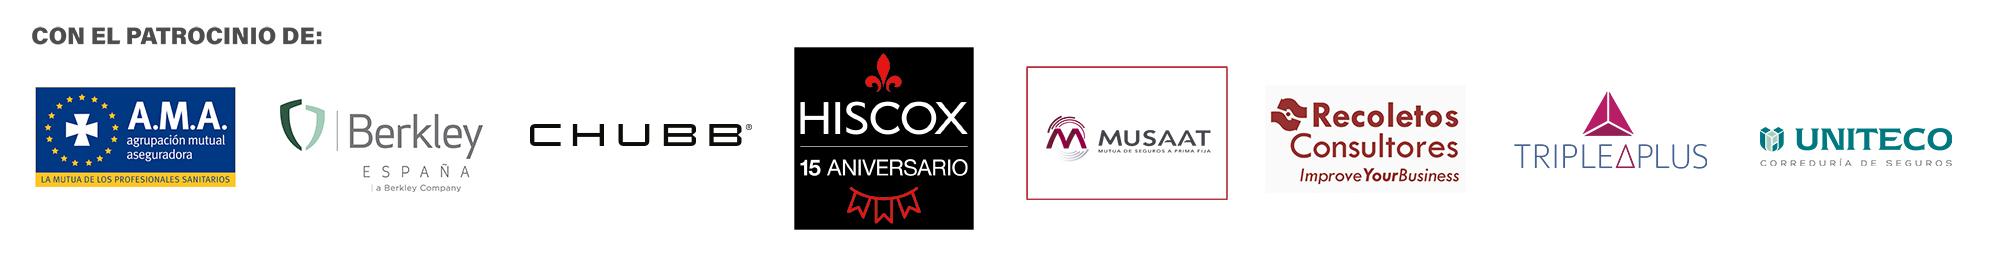 logos_septiembre RC-una línea-2000 px